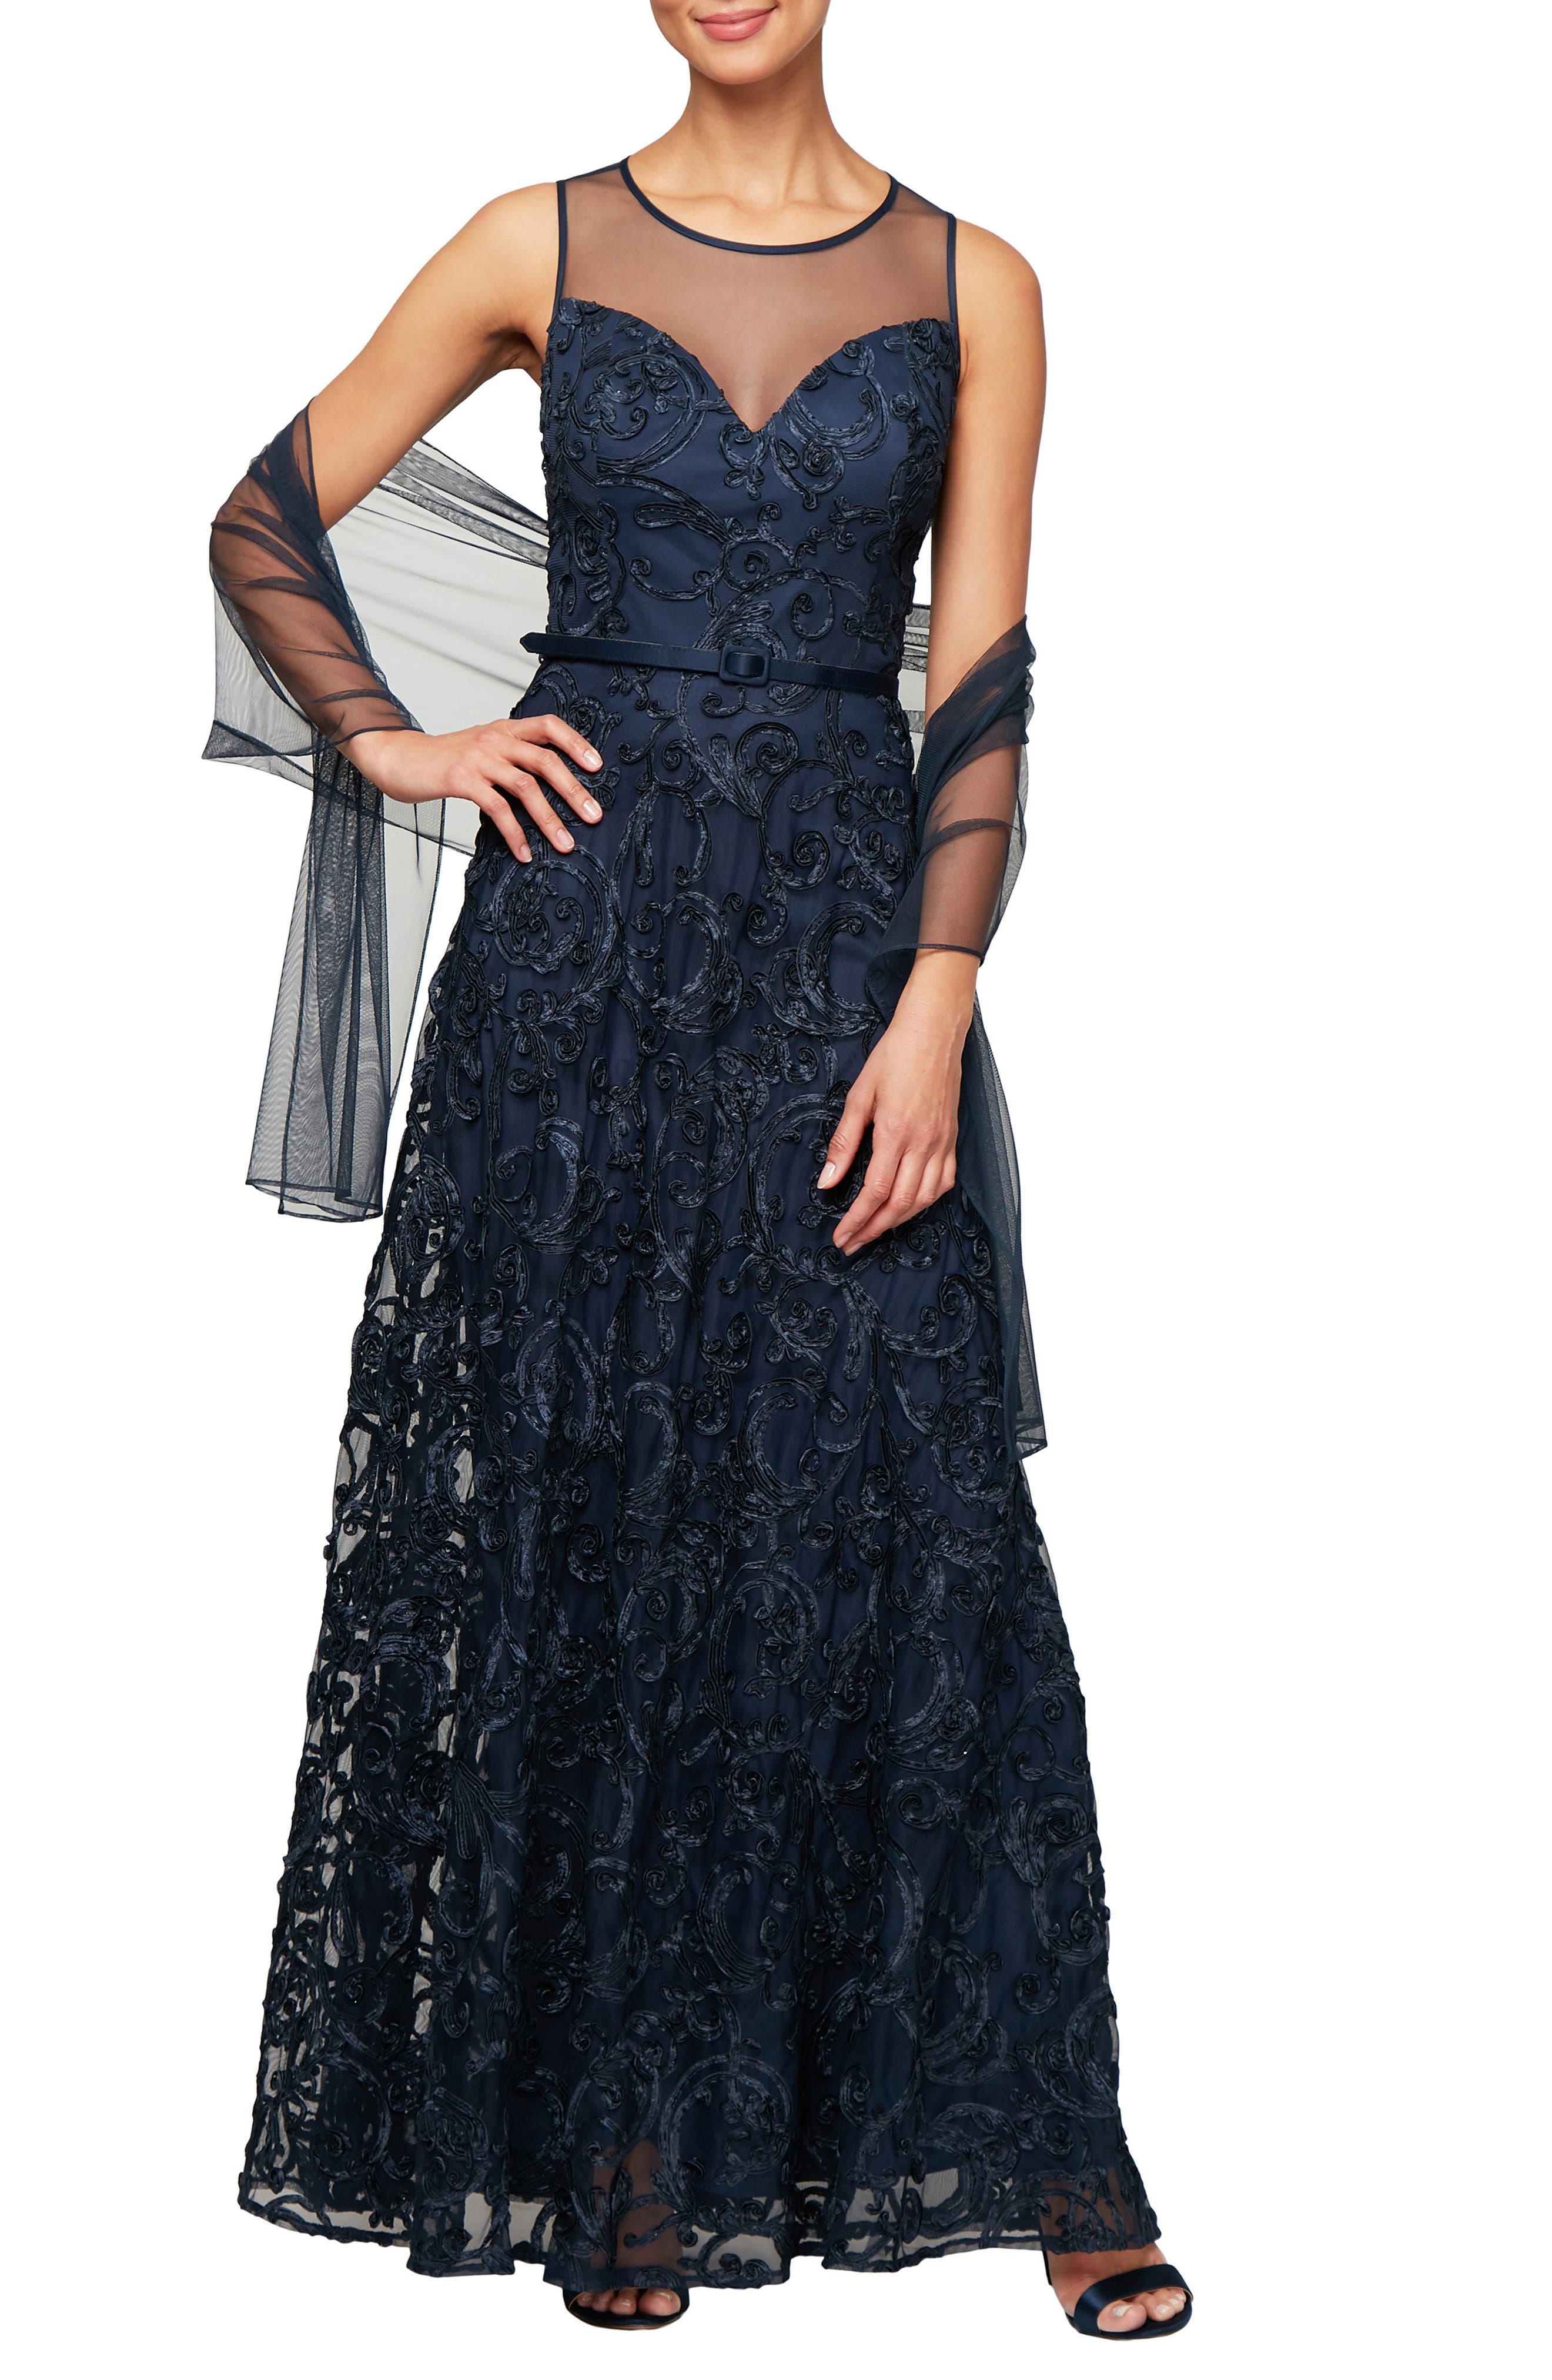 Petite Alex Evenings Illusion Neck Soutache Evening Dress With Wrap, Blue